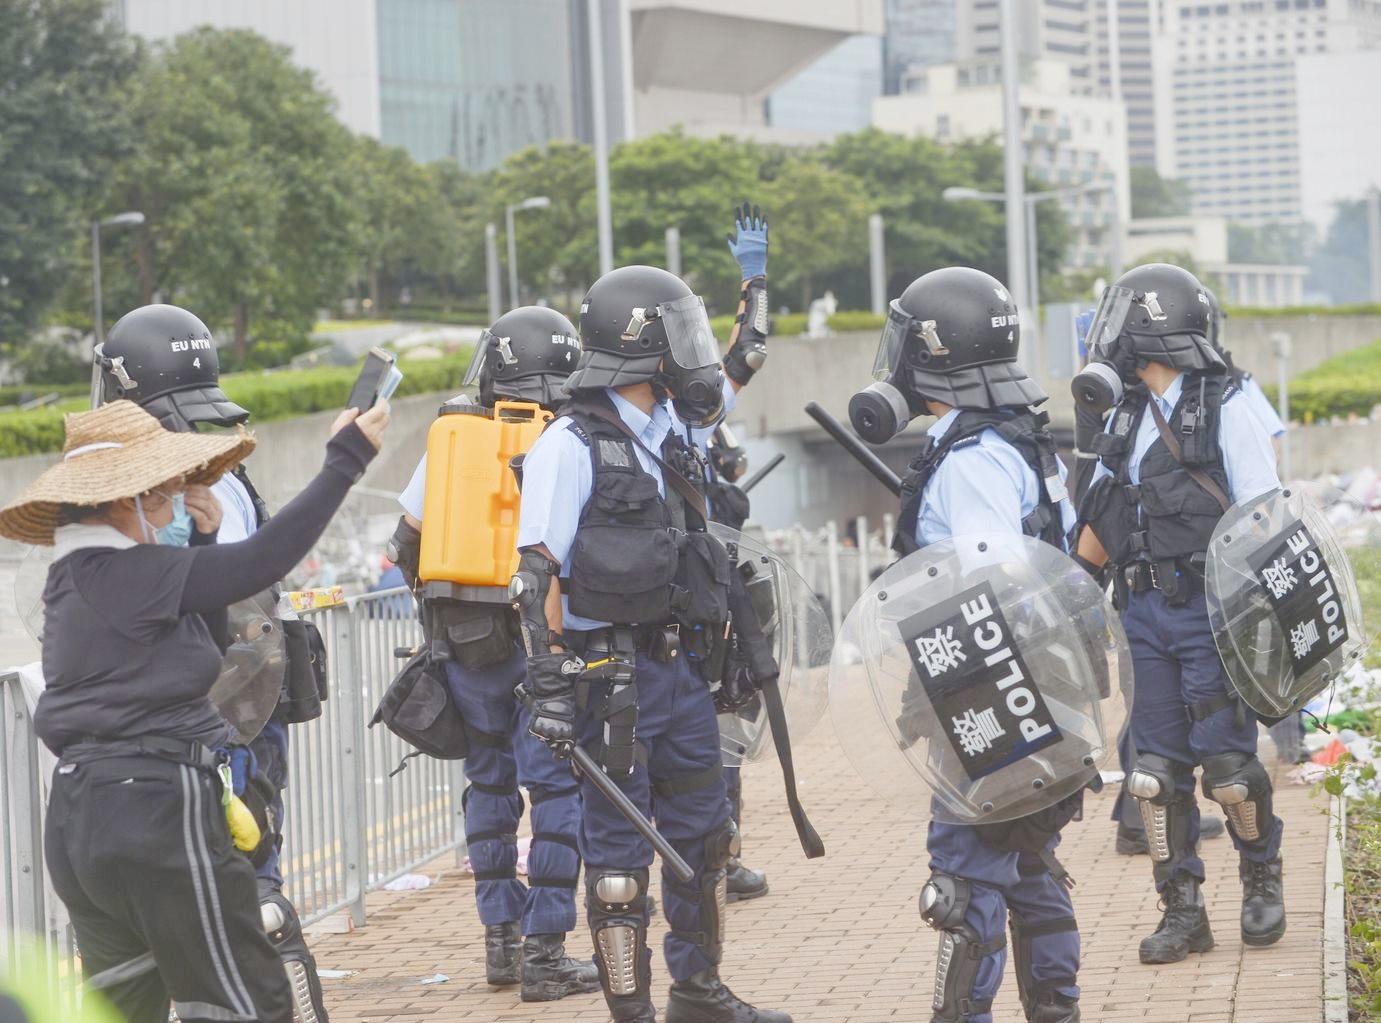 民權觀察譴責警方以過量武力對待示威者。